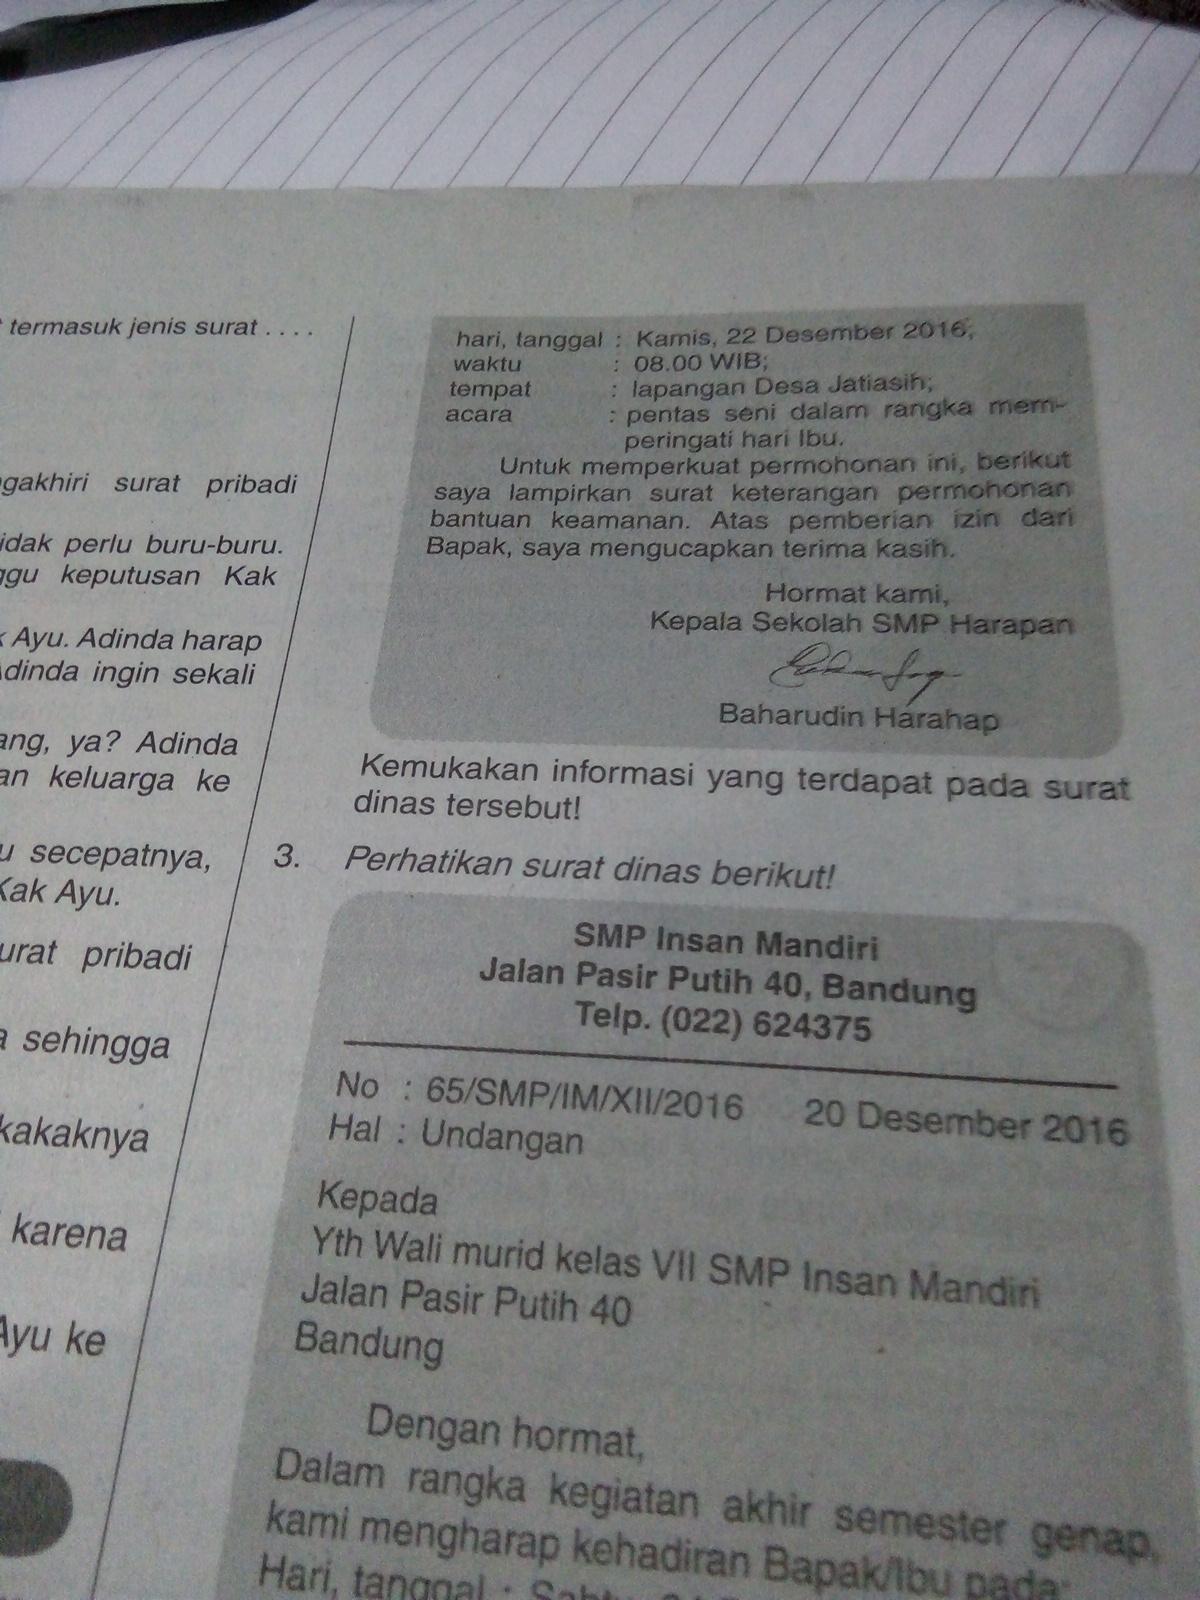 Contoh Surat Dinas Sekolah Smp Brainly Nusagates